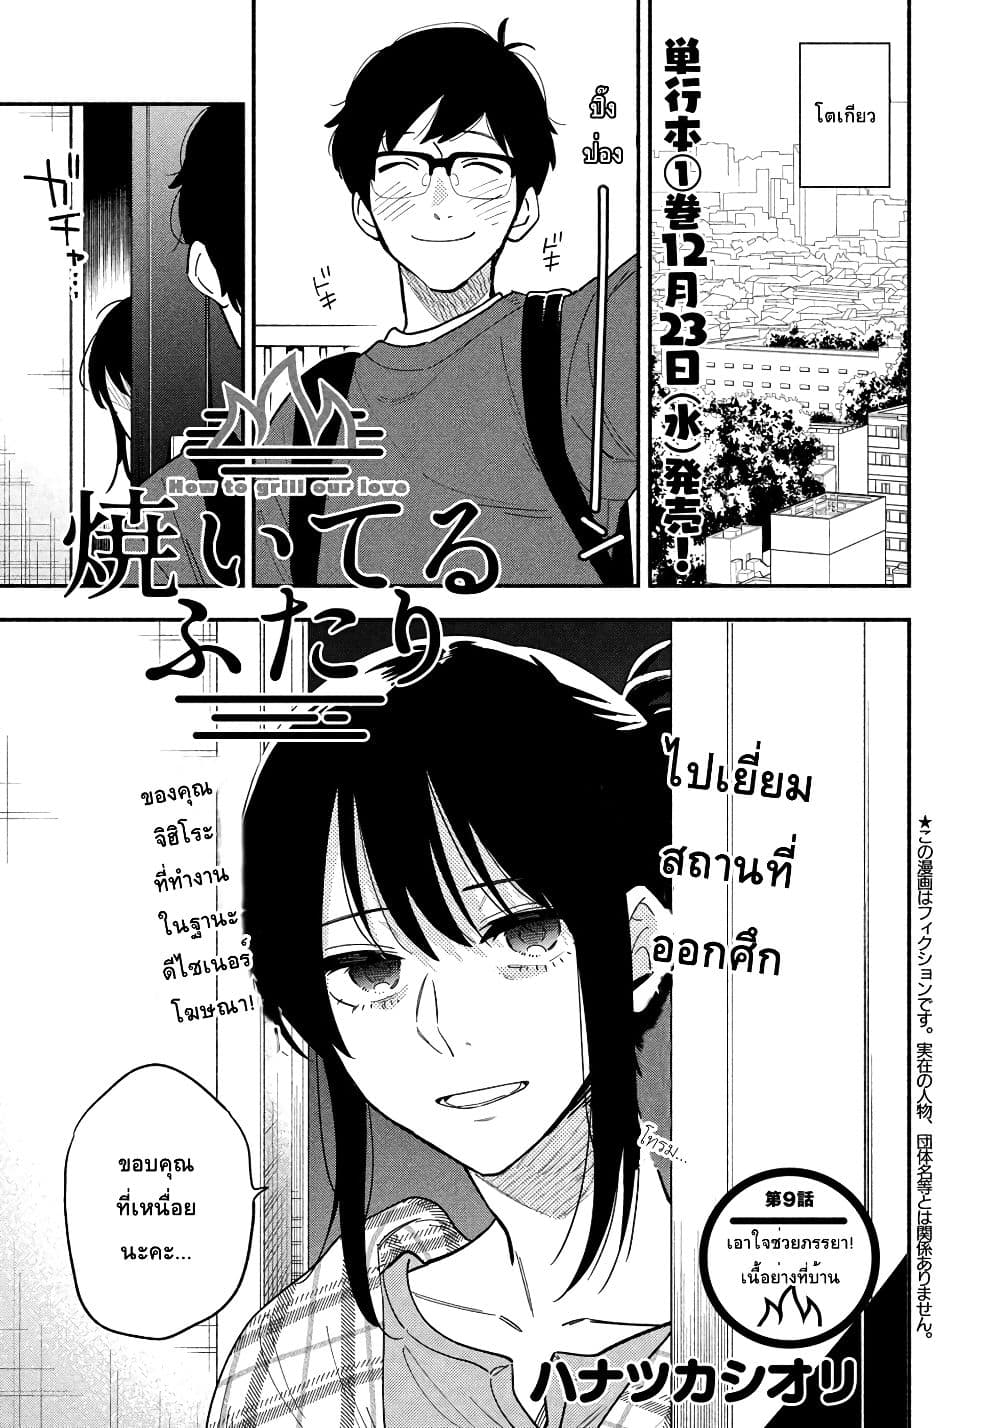 อ่านการ์ตูน Yaiteru Futari ตอนที่ 9 หน้าที่ 1